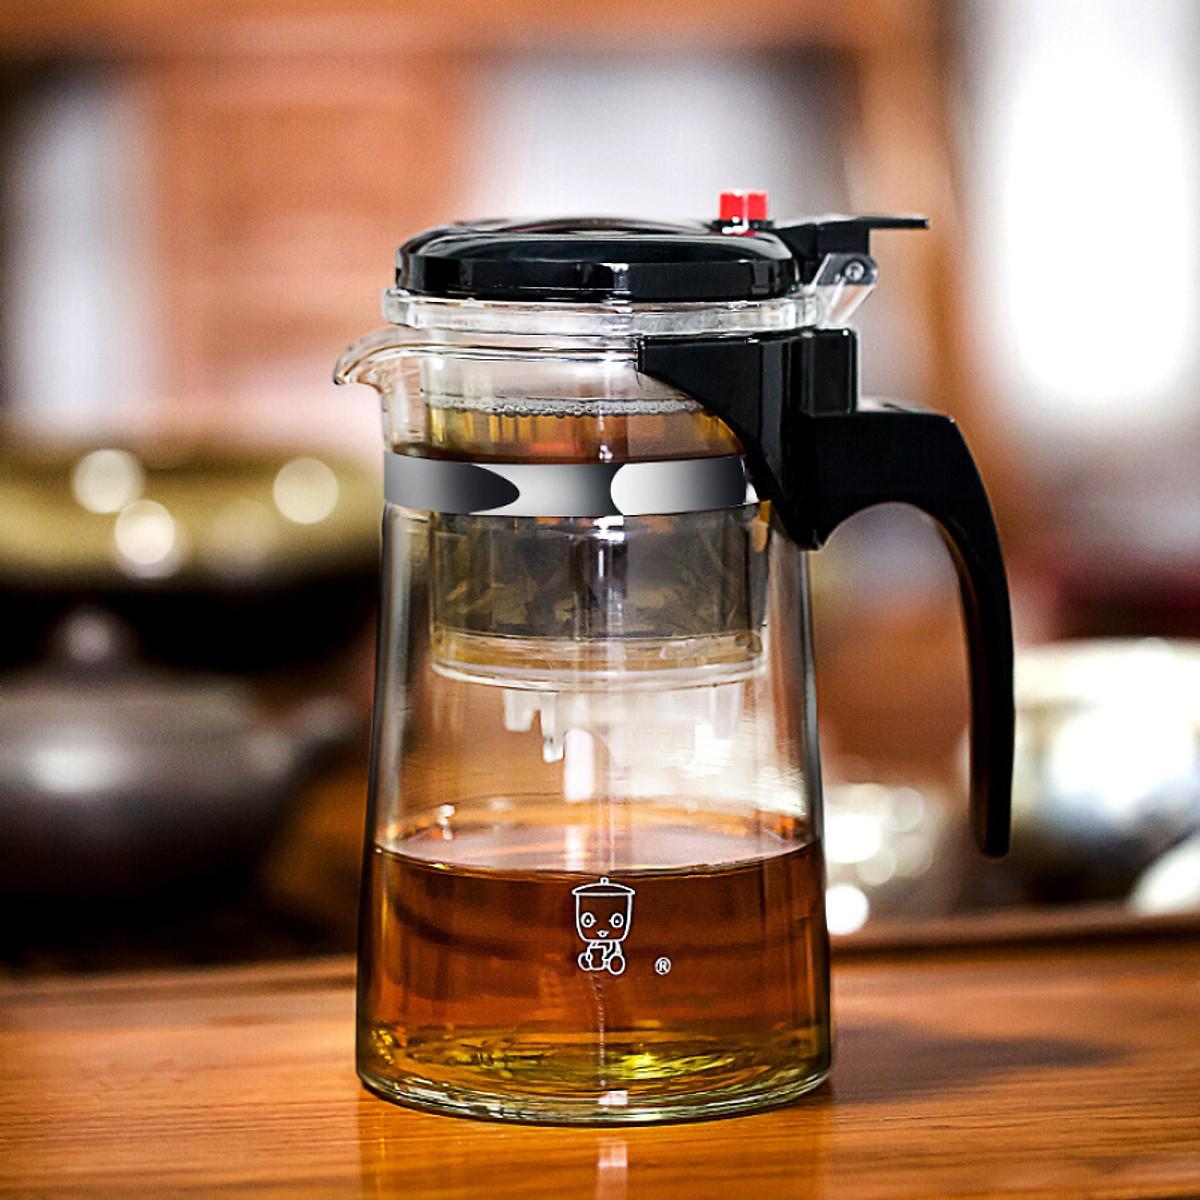 Bộ lọc trà, Bình pha trà, Ấm pha trà thủy tinh chịu nhiệt có lõi lọc 750ml